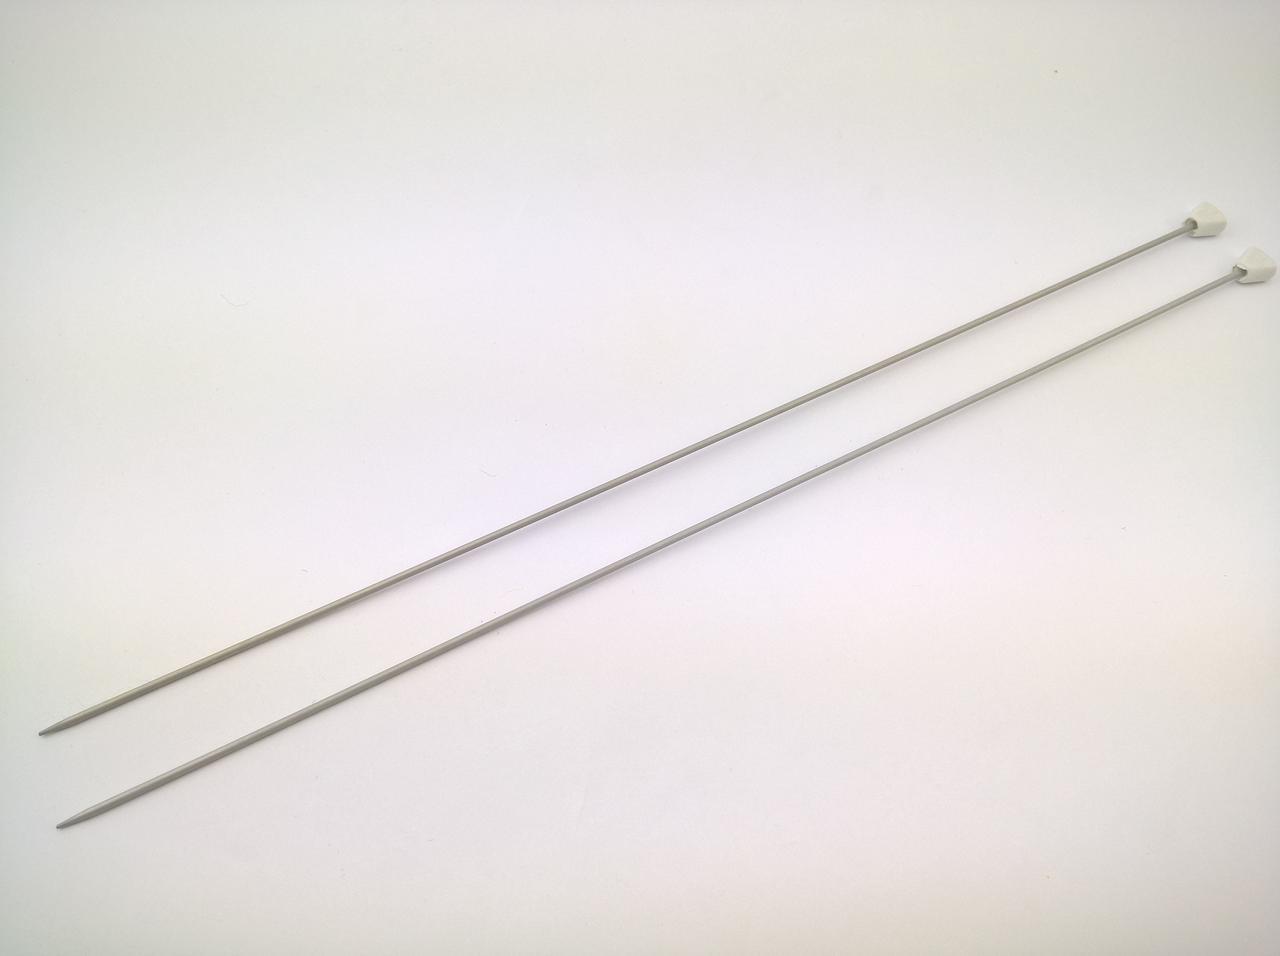 Спицы классические прямые Kartopu от 2 до 6мм, длина 35см